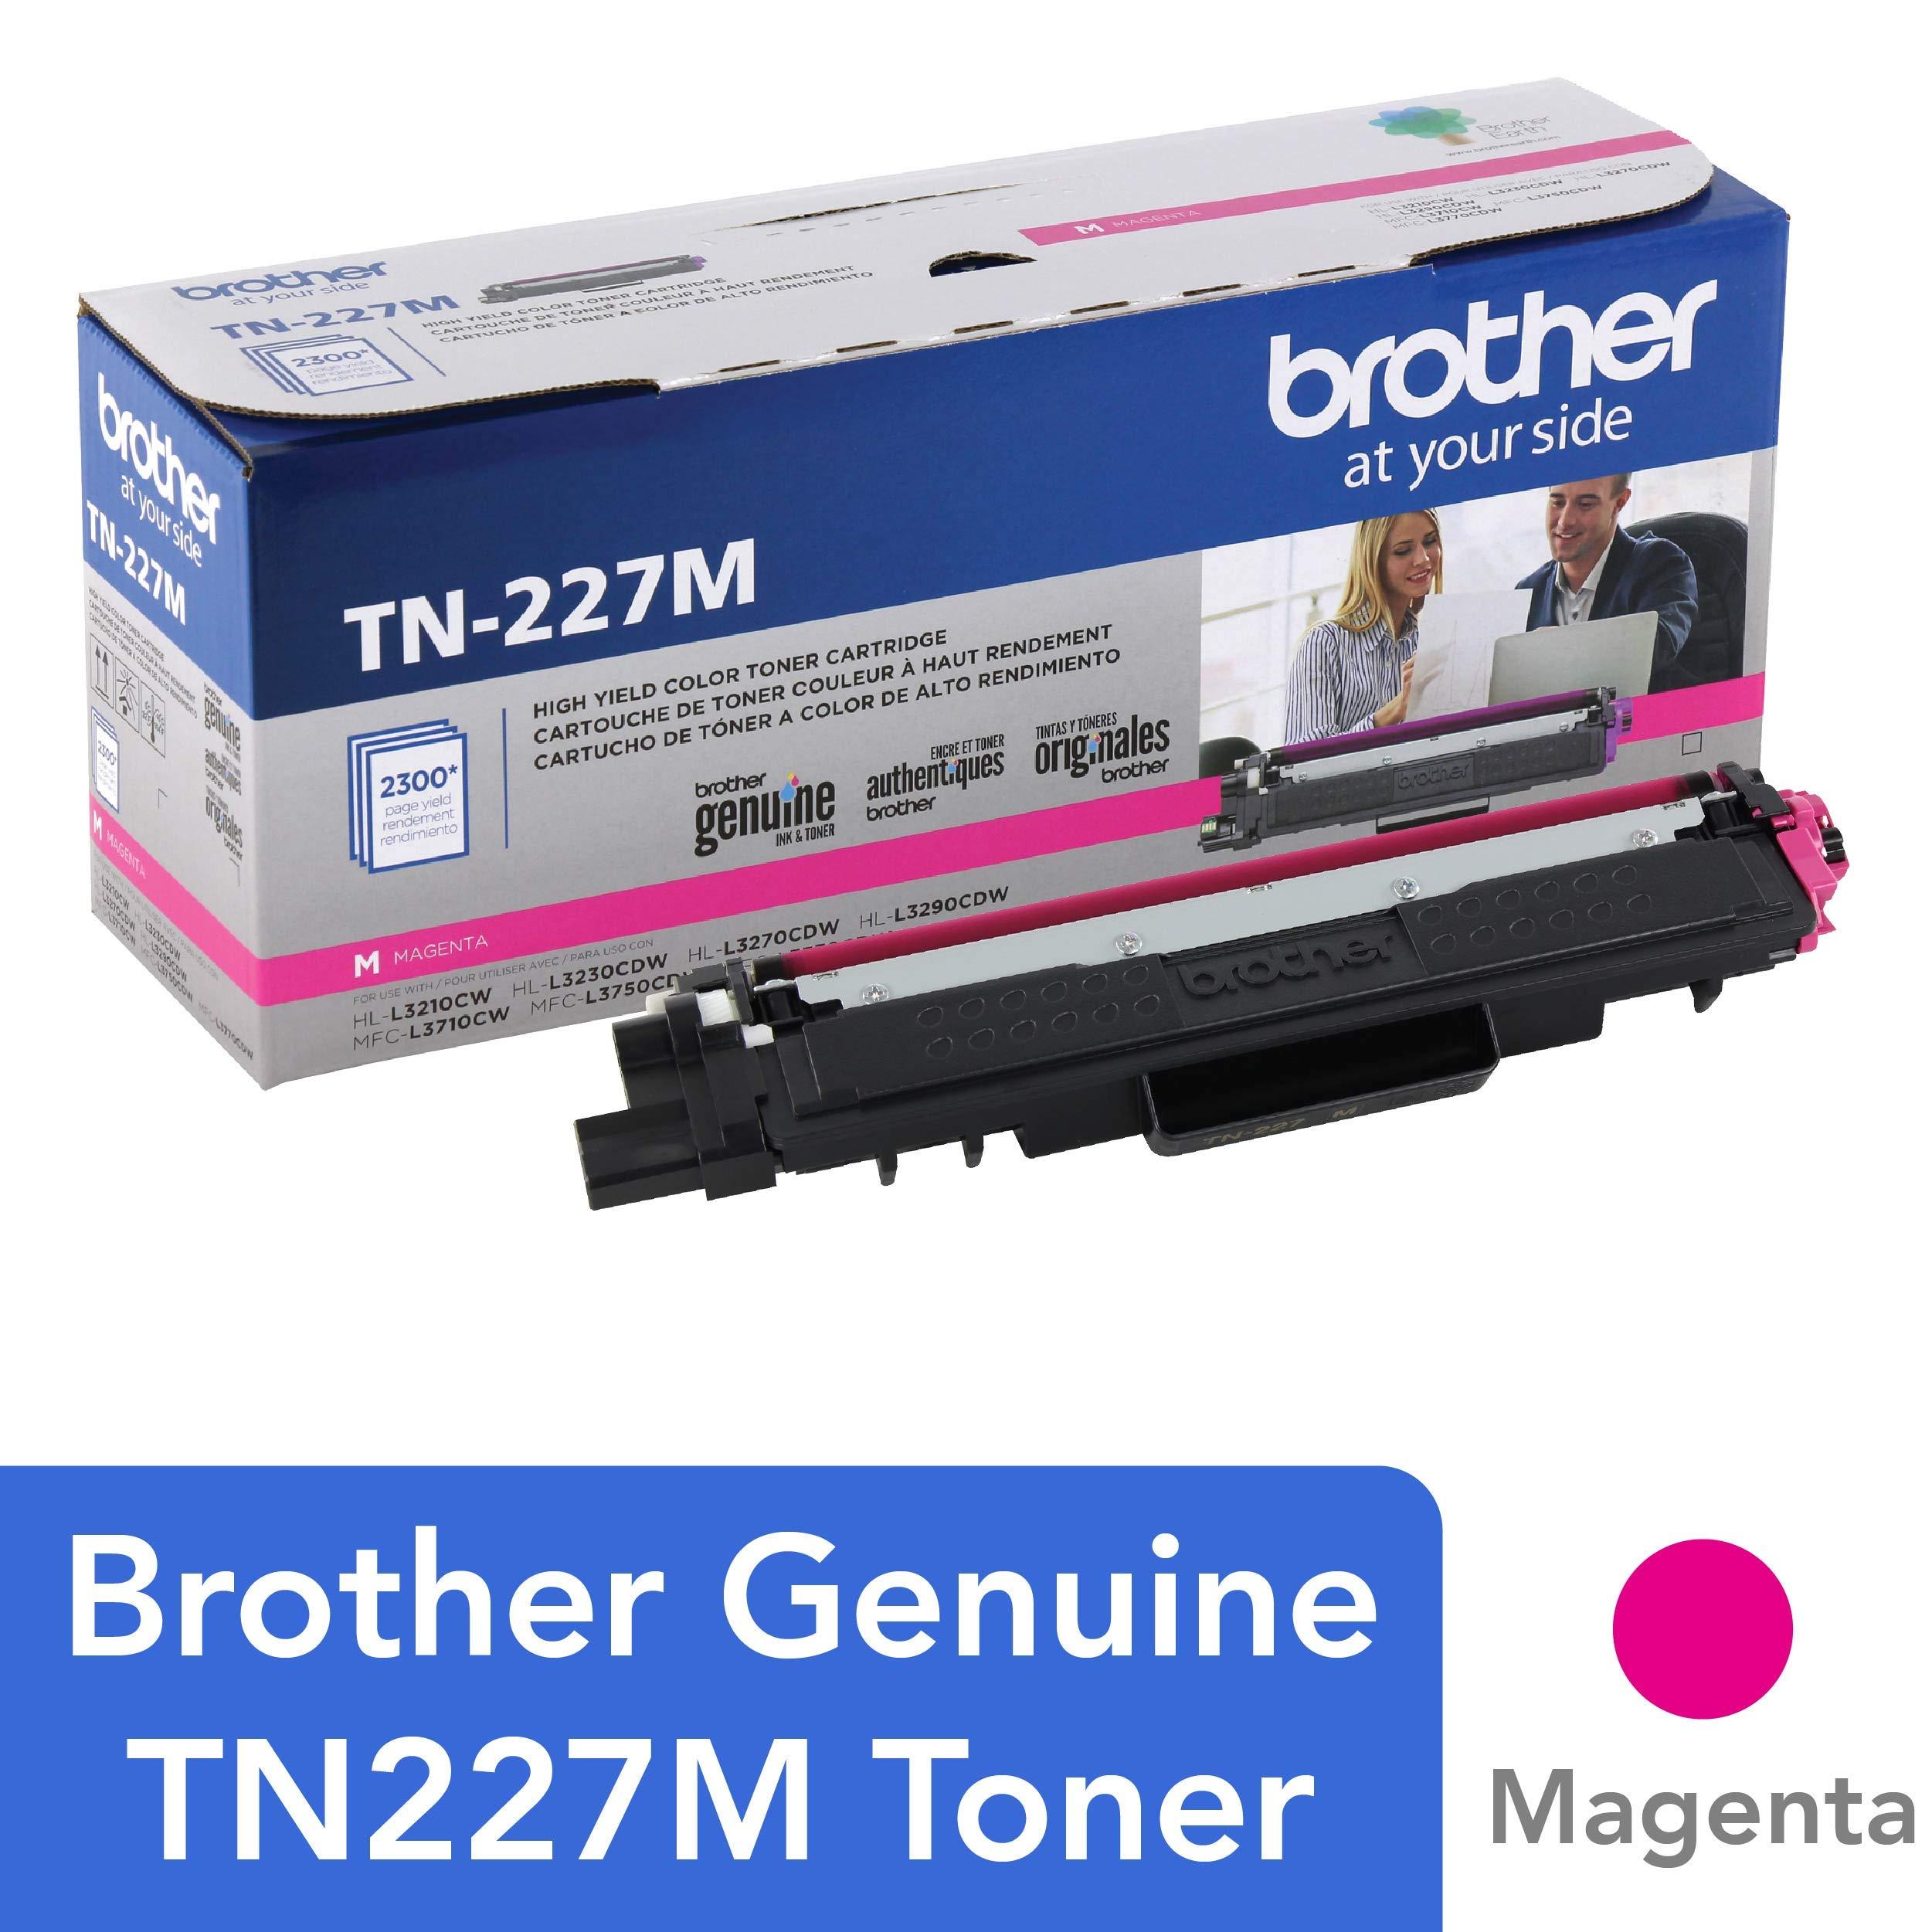 Toner Original BROTHER TN227M Alta Capacidad Magenta hasta 2,300 Páginas TN227